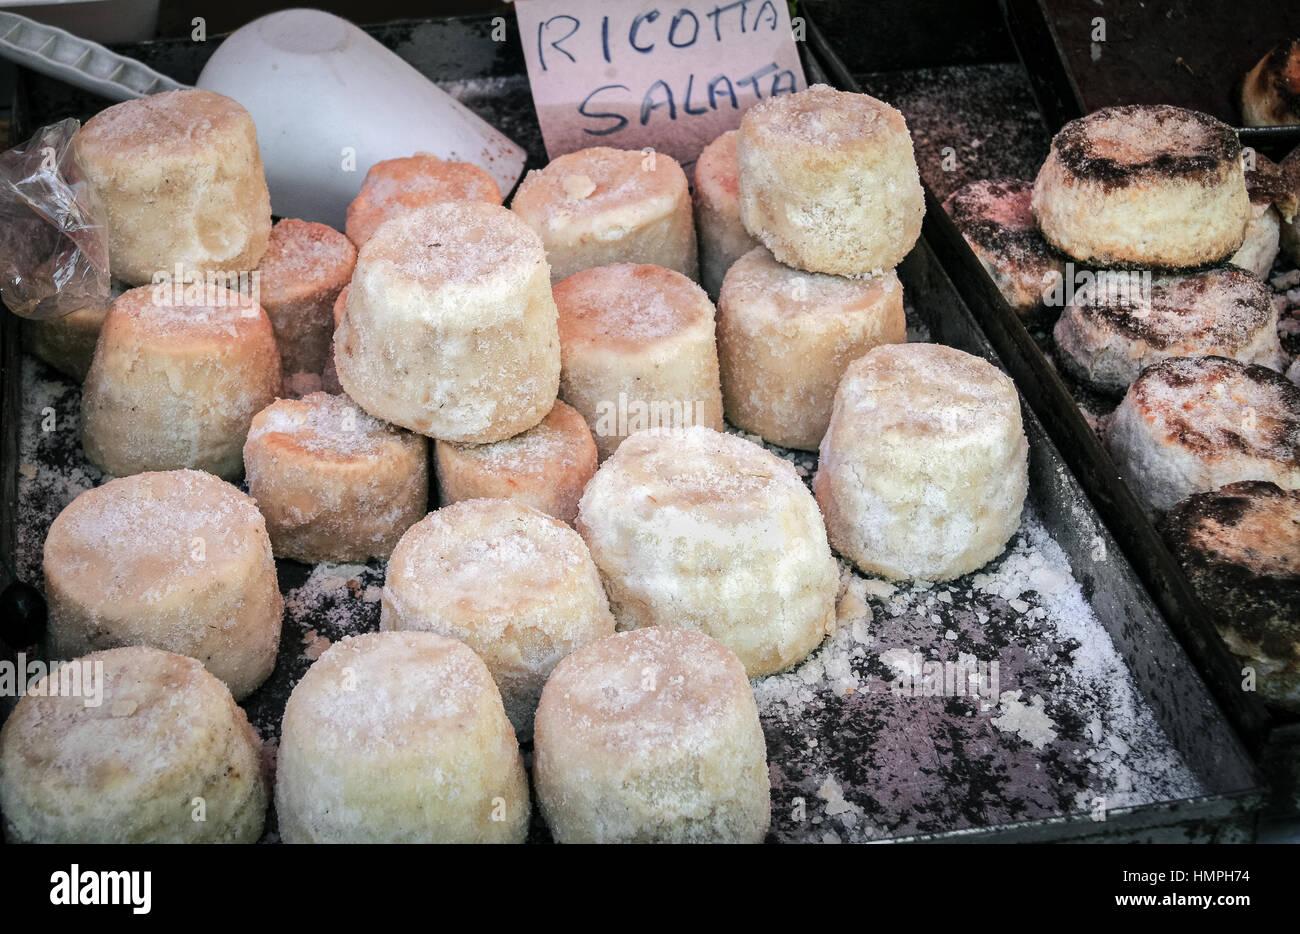 Ricotta salata sul mercato in stallo, Palermo, Sicilia Immagini Stock